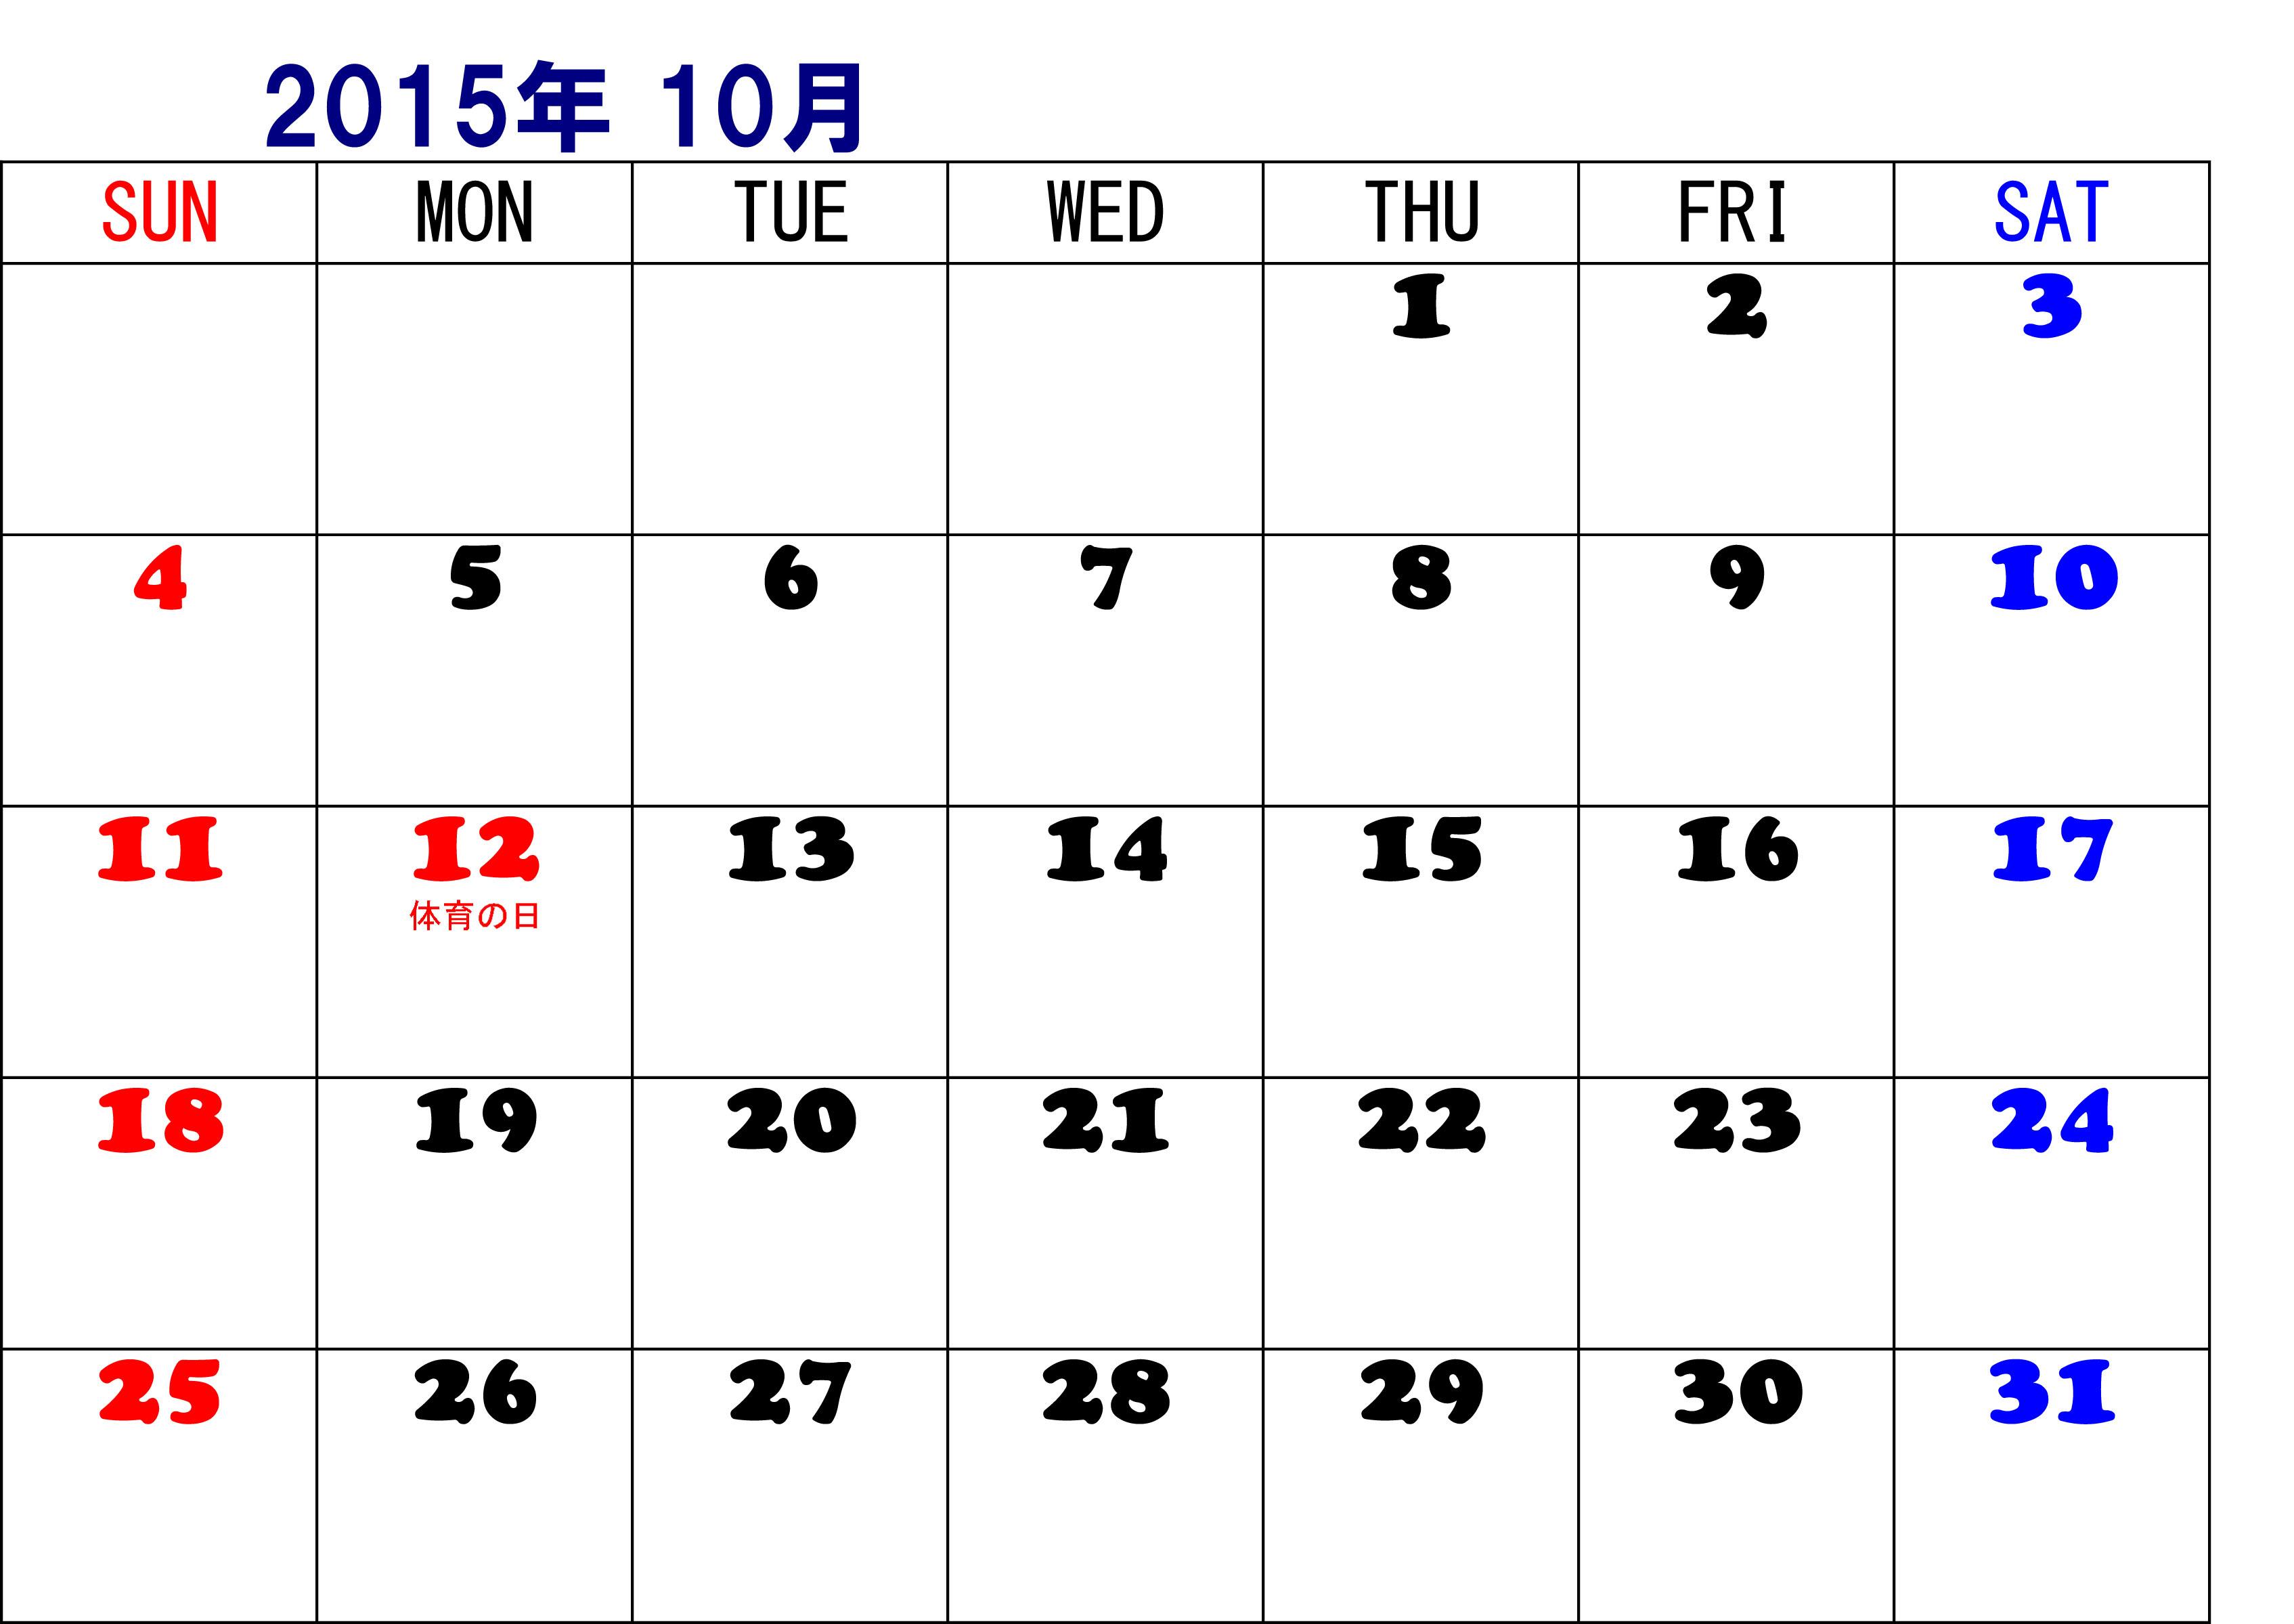 カレンダー カレンダー 2015 一月 : jpeg画像のカレンダーです